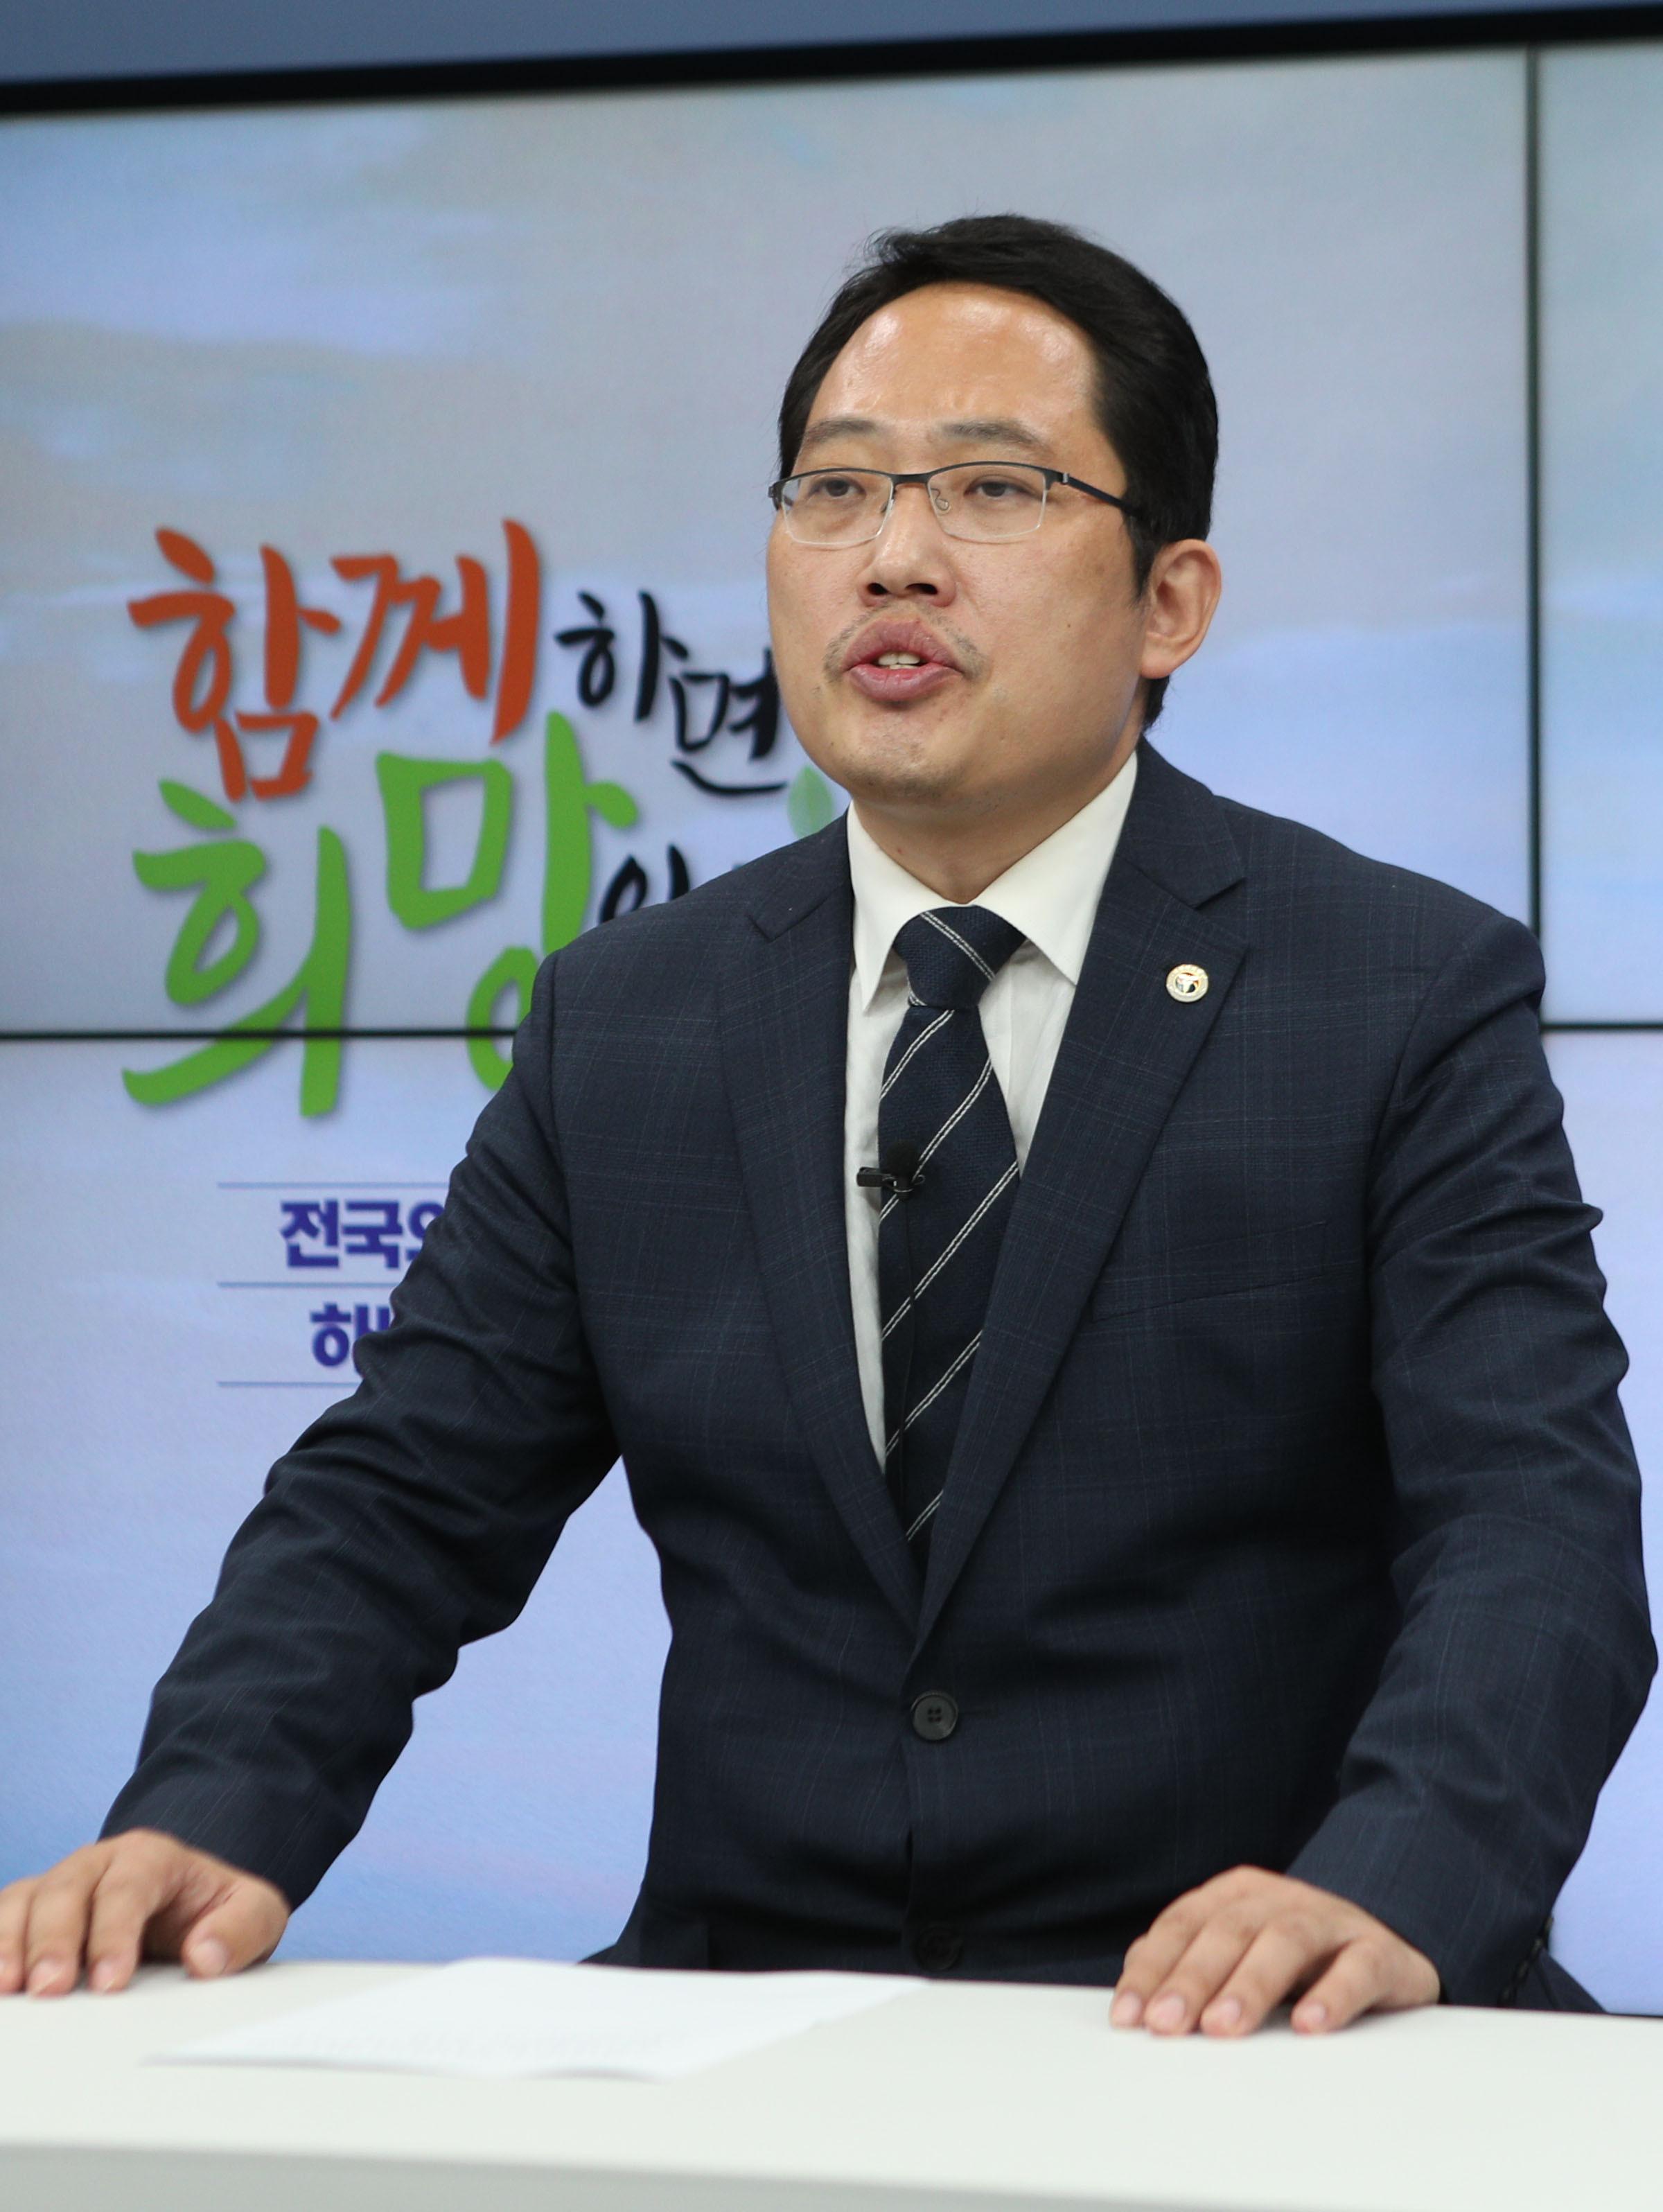 ▲▼大韓醫師協會會長崔大集(최대집)。(圖/達志影像)